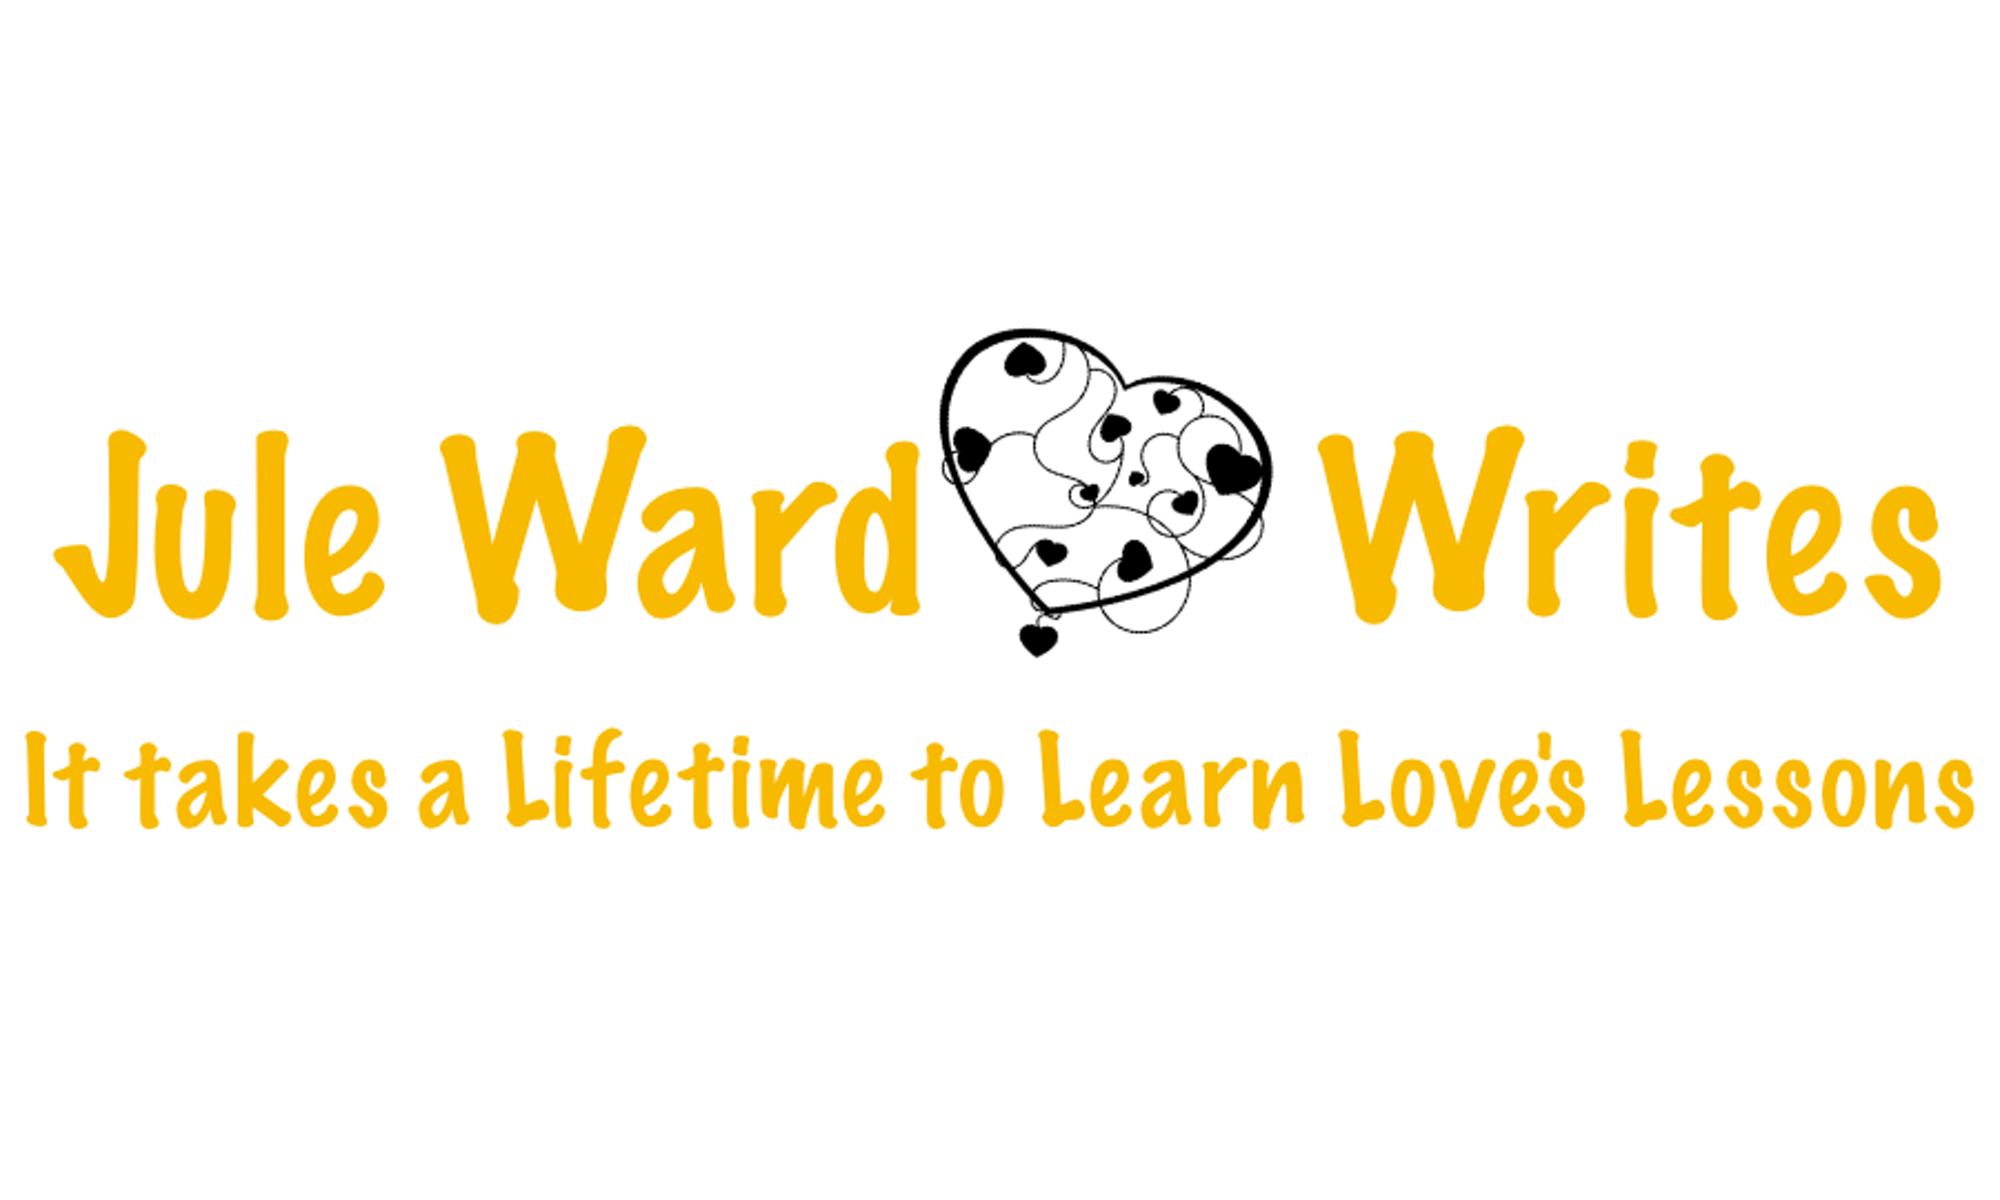 Jule Ward Writes